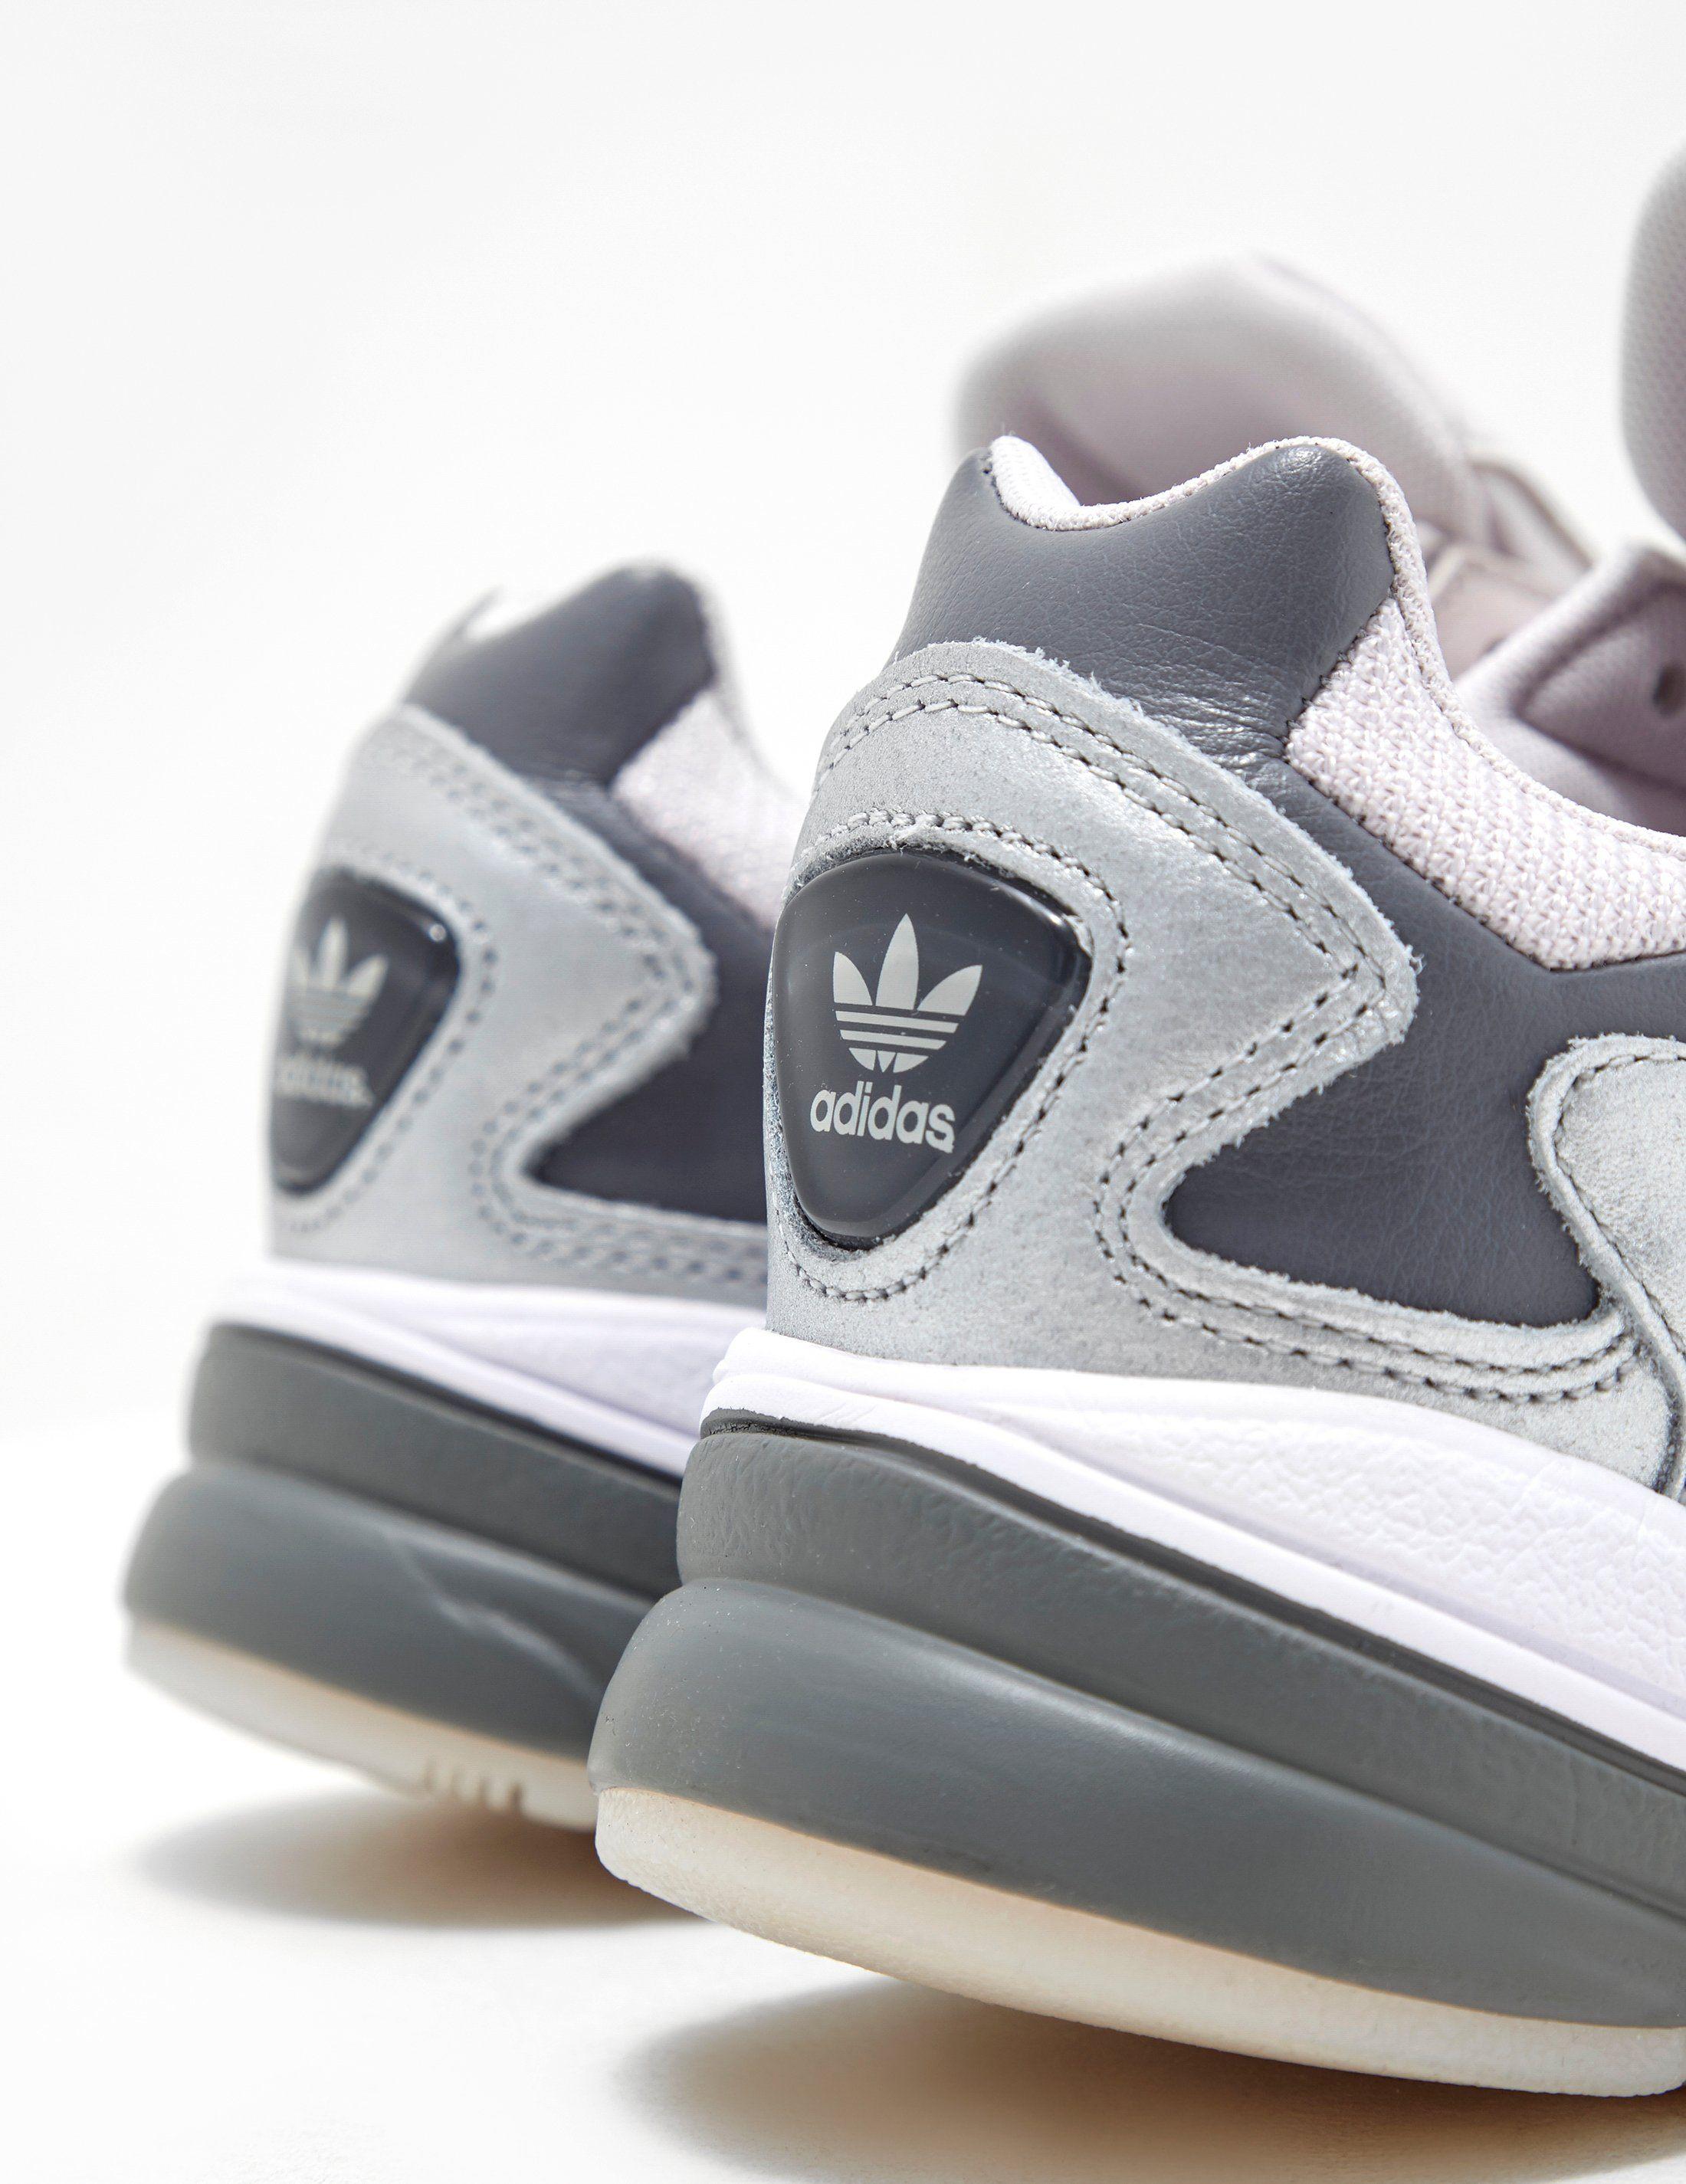 adidas Originals Falcon Shiny